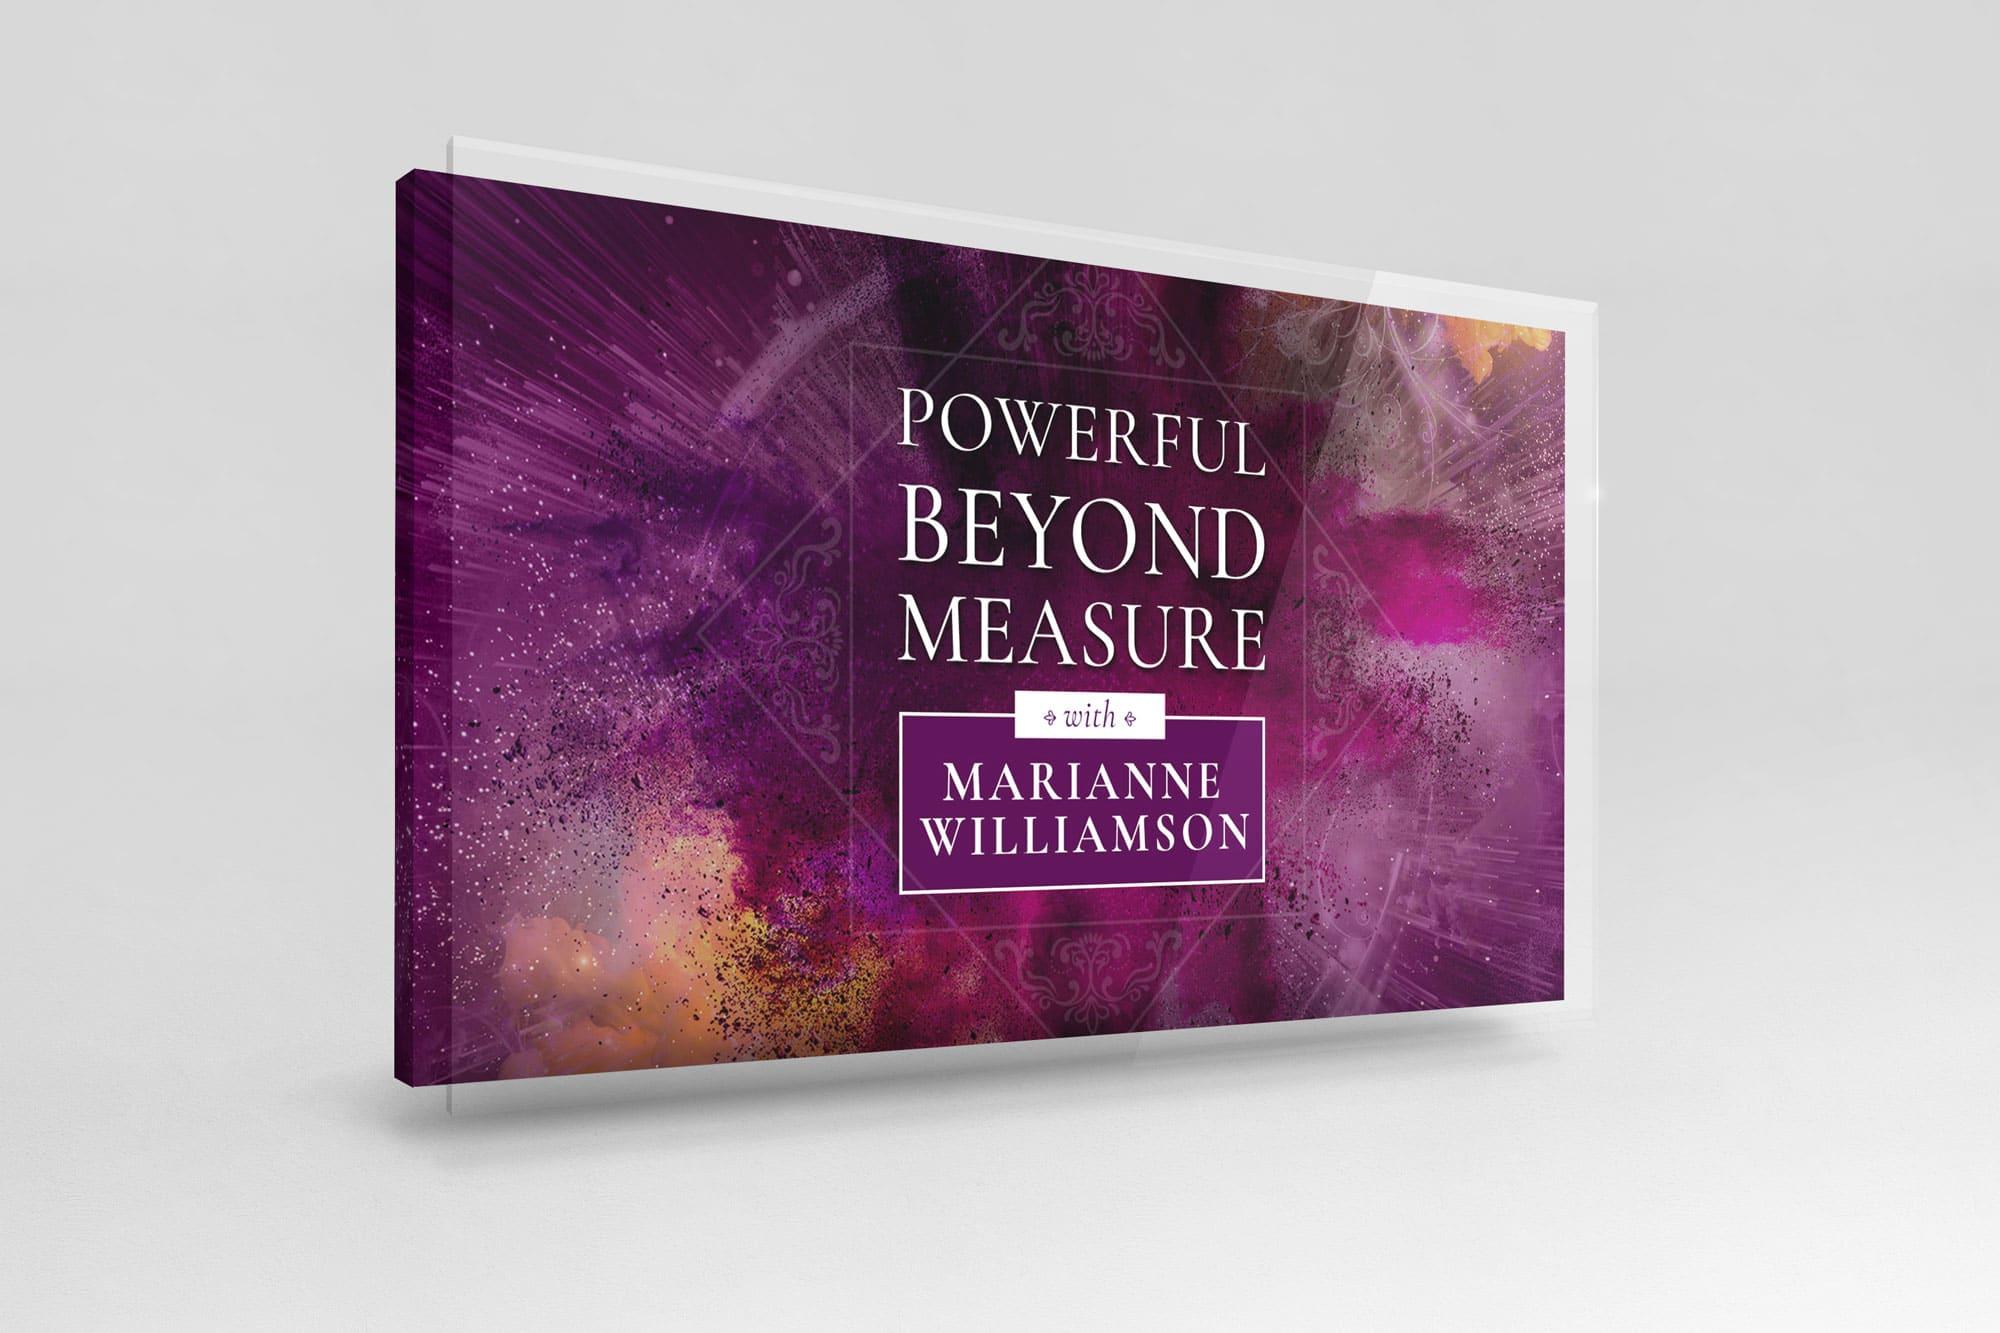 powerful-beyond-measure-branding